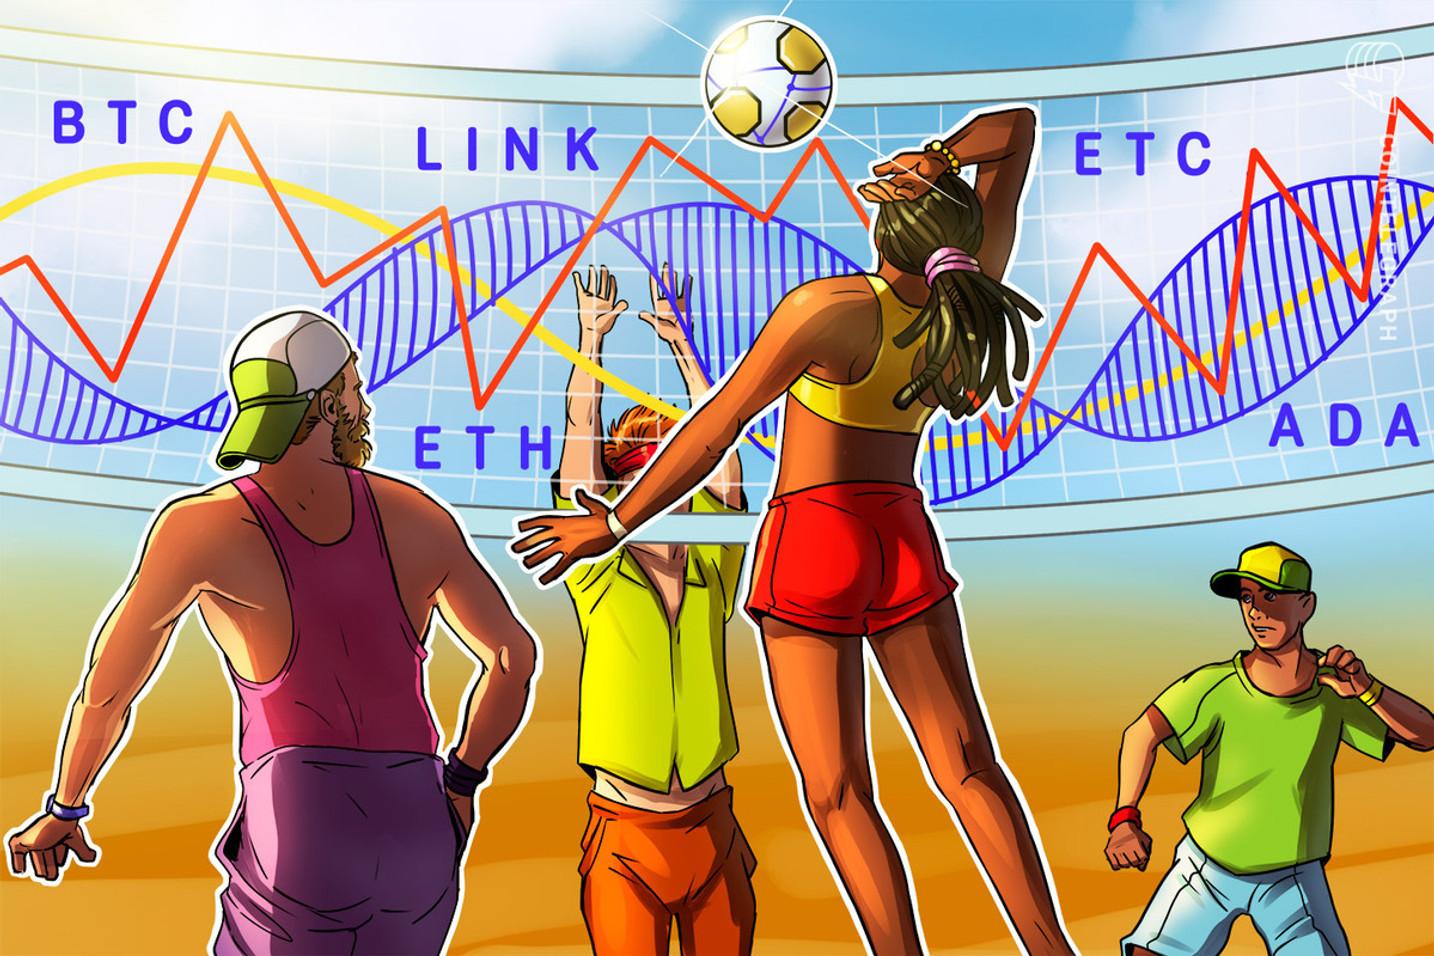 Las 5 principales criptomonedas a observar esta semana: BTC, ETH, LINK, ADA, ETC